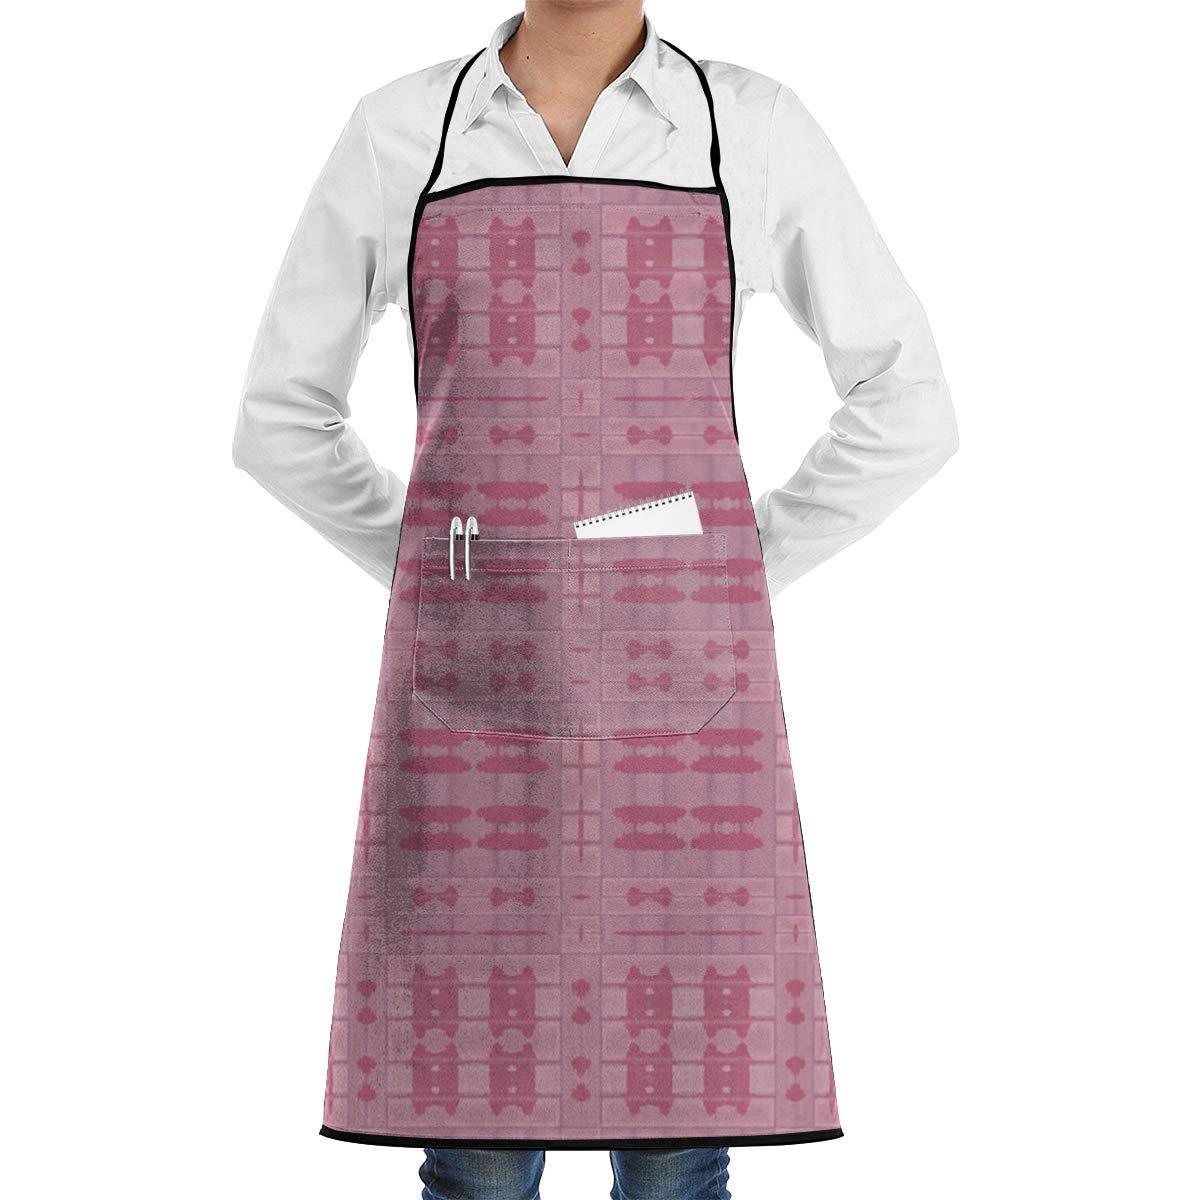 Delantal de chef de cocina ajustable a cuadros rosa cálido tribal ...